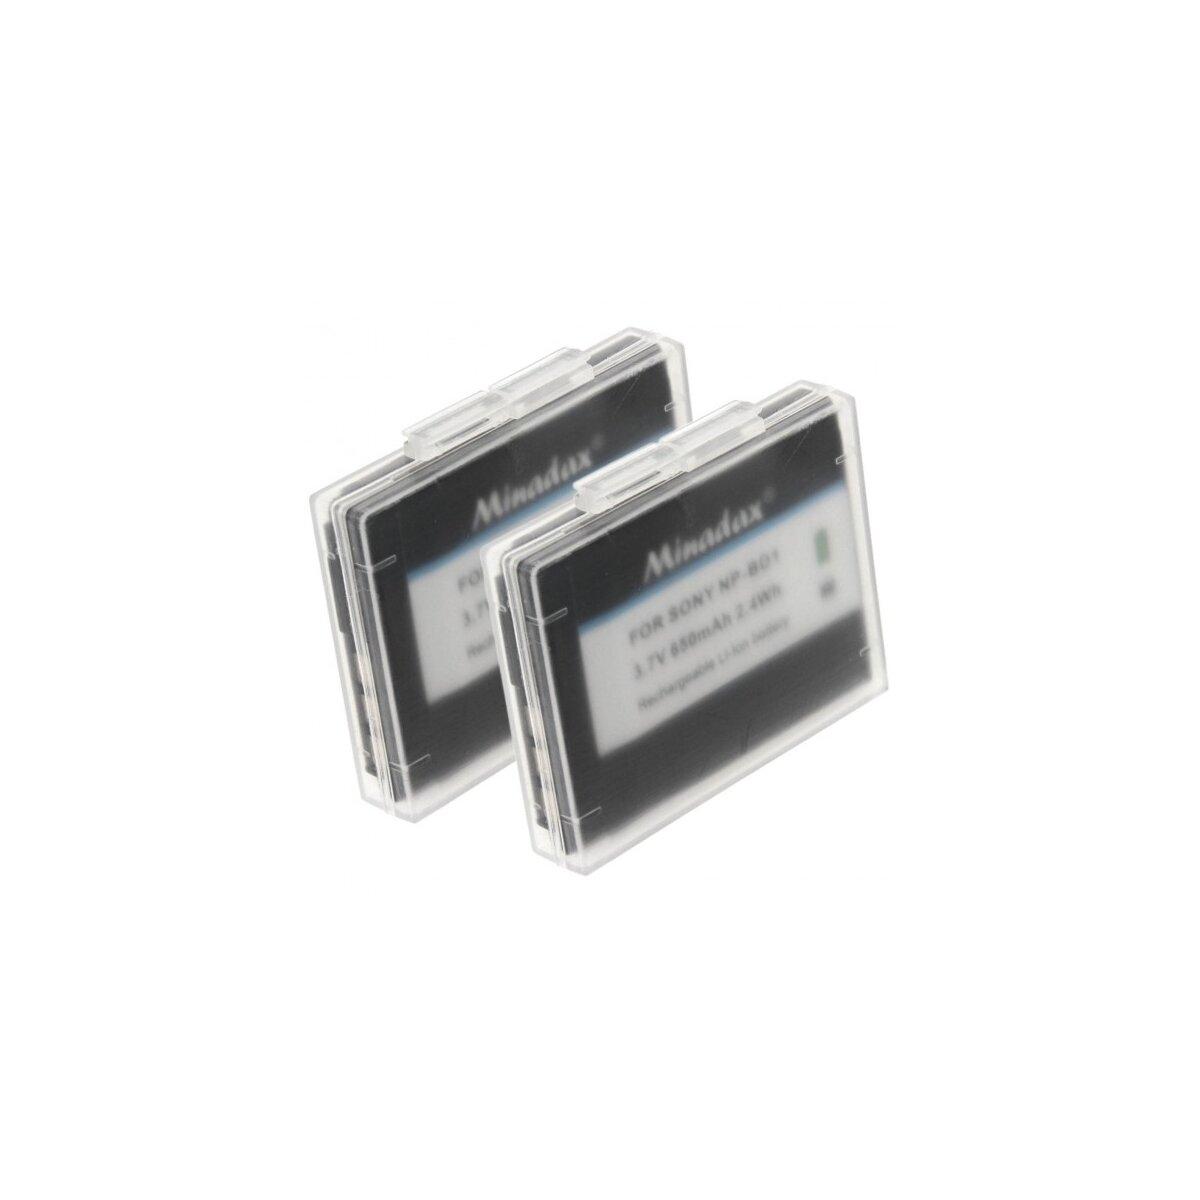 2x Minadax Qualitätsakku mit echten 650 mAh kompatibel für Sony Cybershot DSC- / G3, T2, T70, T75, T77, T90, T200, T300, T500, T700, T900, TX1, Ersatz für NP-BD1 / NP-FD1 - Akkusystem mit Chip